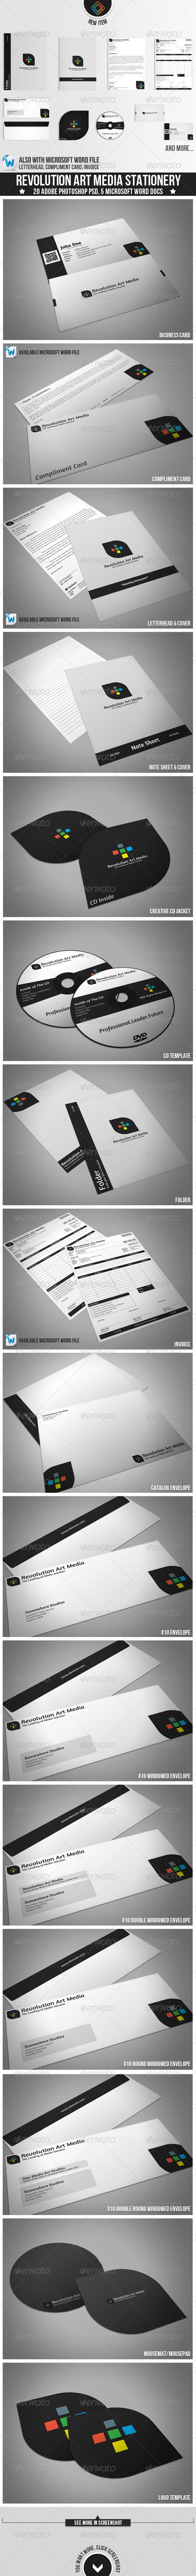 Revolution Art Media Stationery - Stationery Print Templates